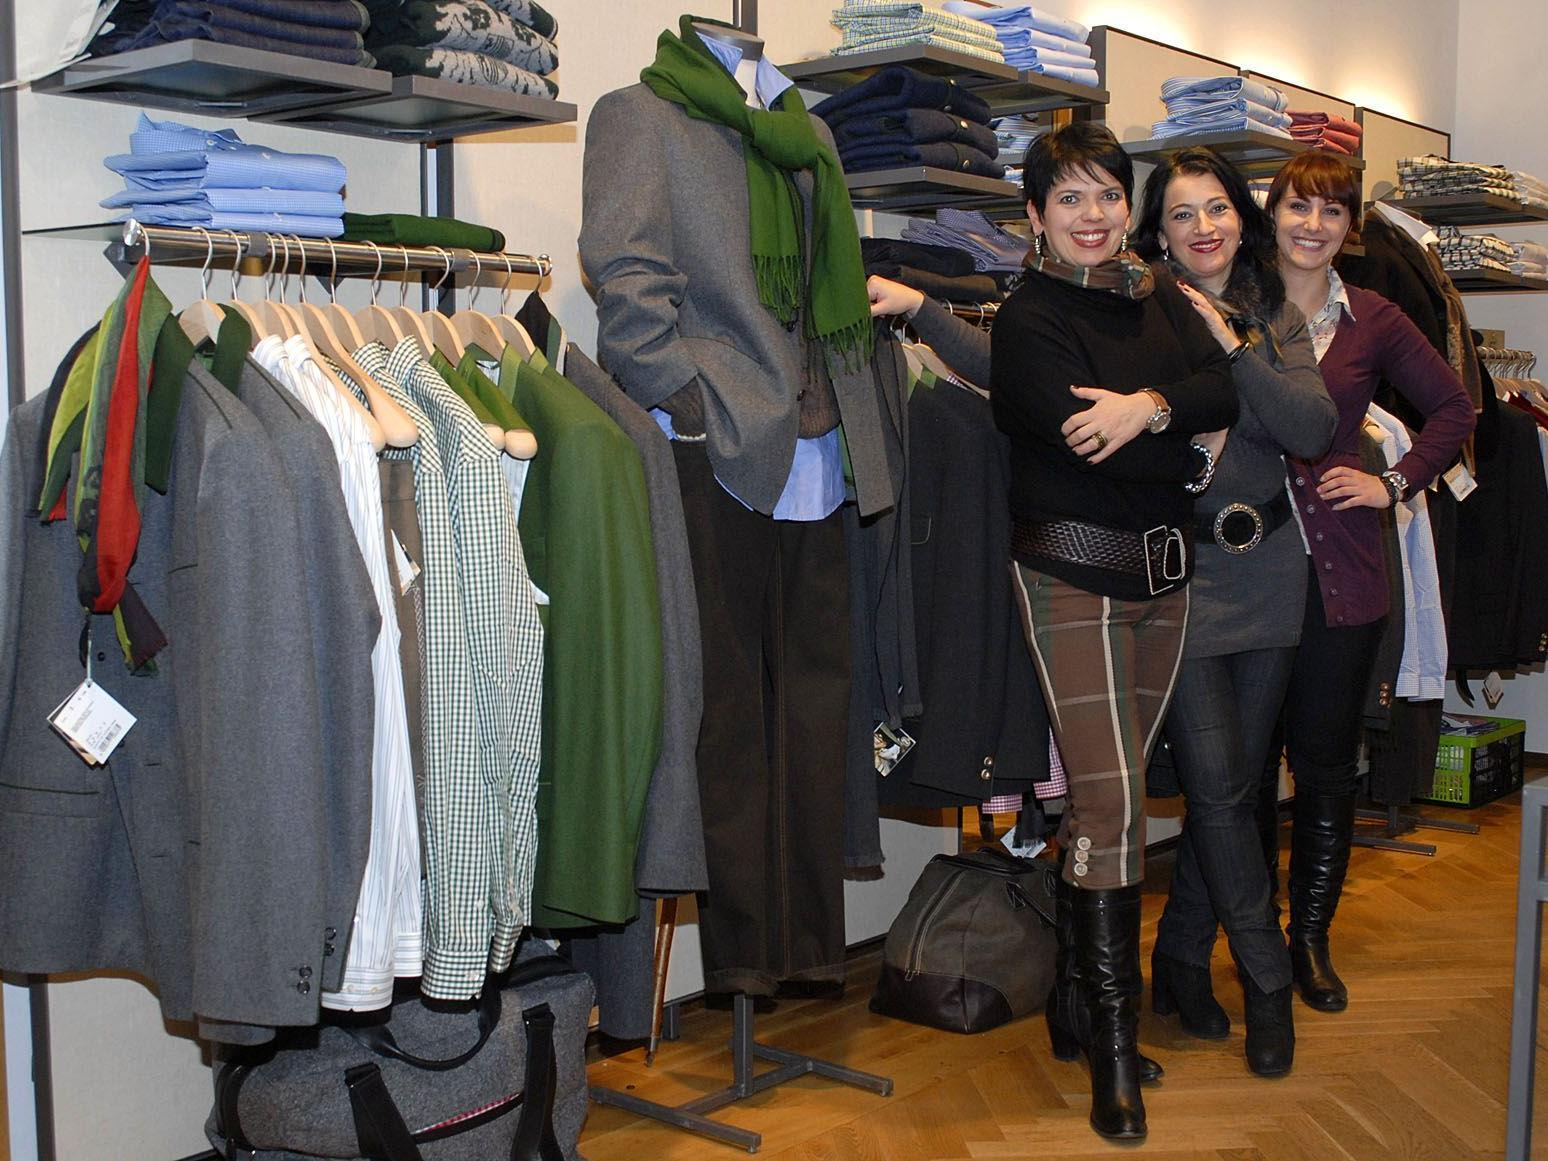 Beim Silvretta Montafon Fashion Day präsentieren ausschließlich Montafoner Geschäfte, z. B. Gössl Trachten Schruns (Bild), ihre Mode.